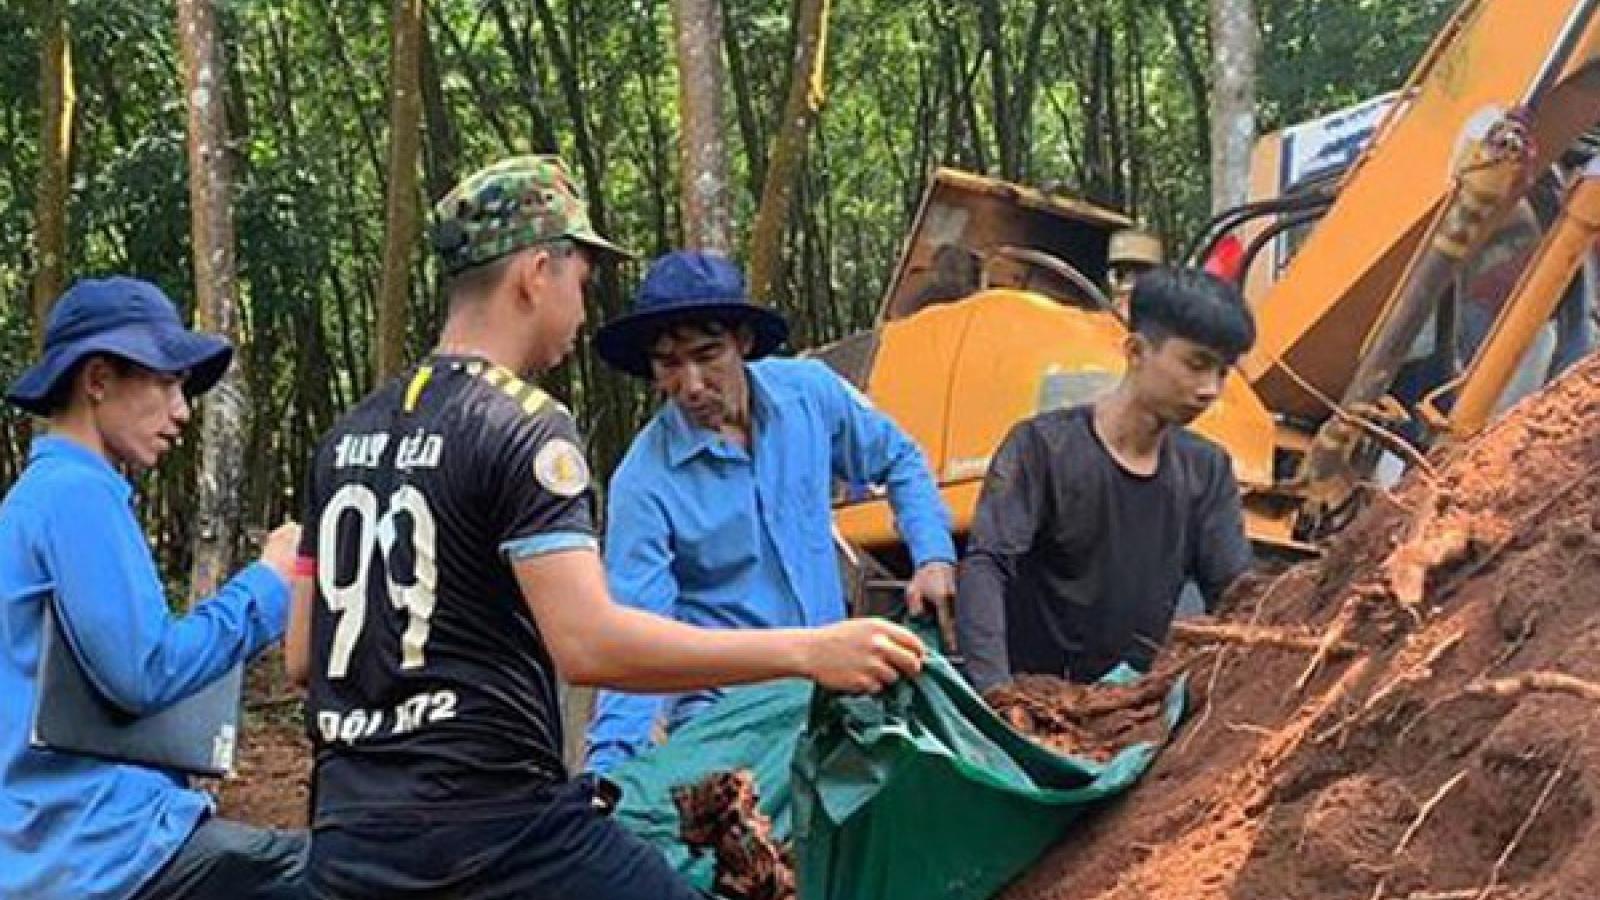 Phát hiện 3 hài cốt liệt sĩ với nhiều di vật tại Bình Phước